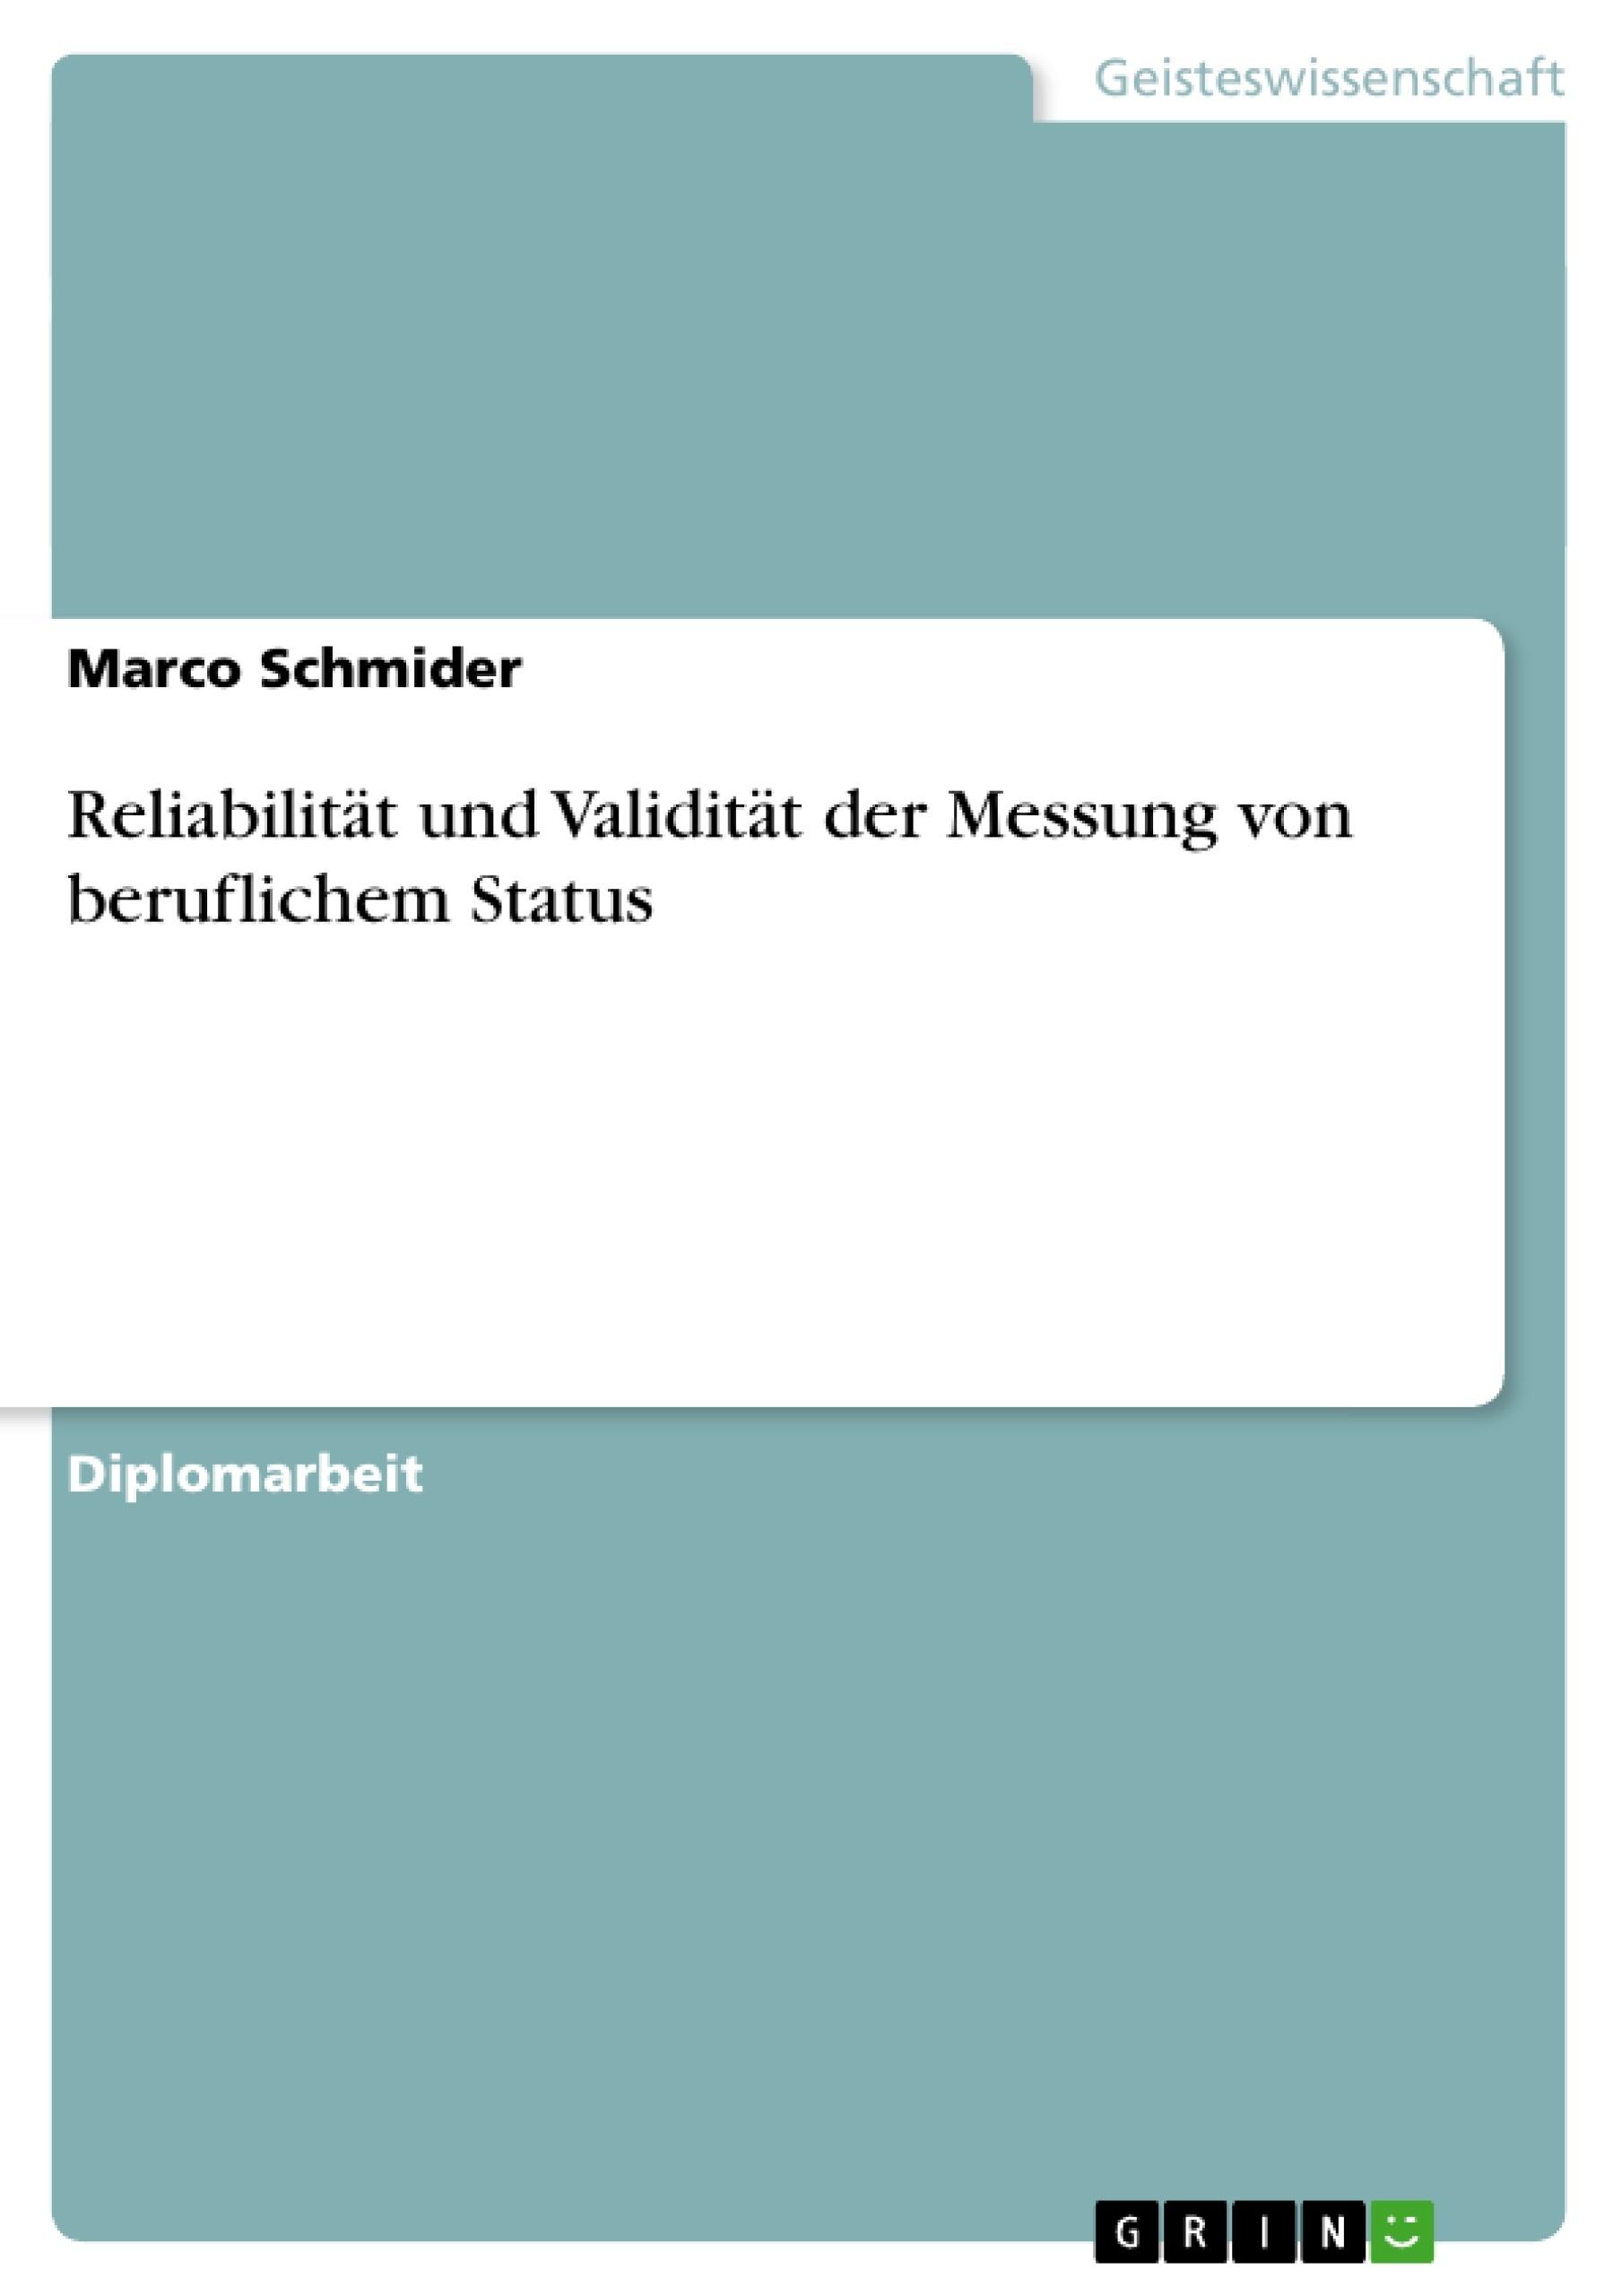 Titel: Reliabilität und Validität der Messung von beruflichem Status